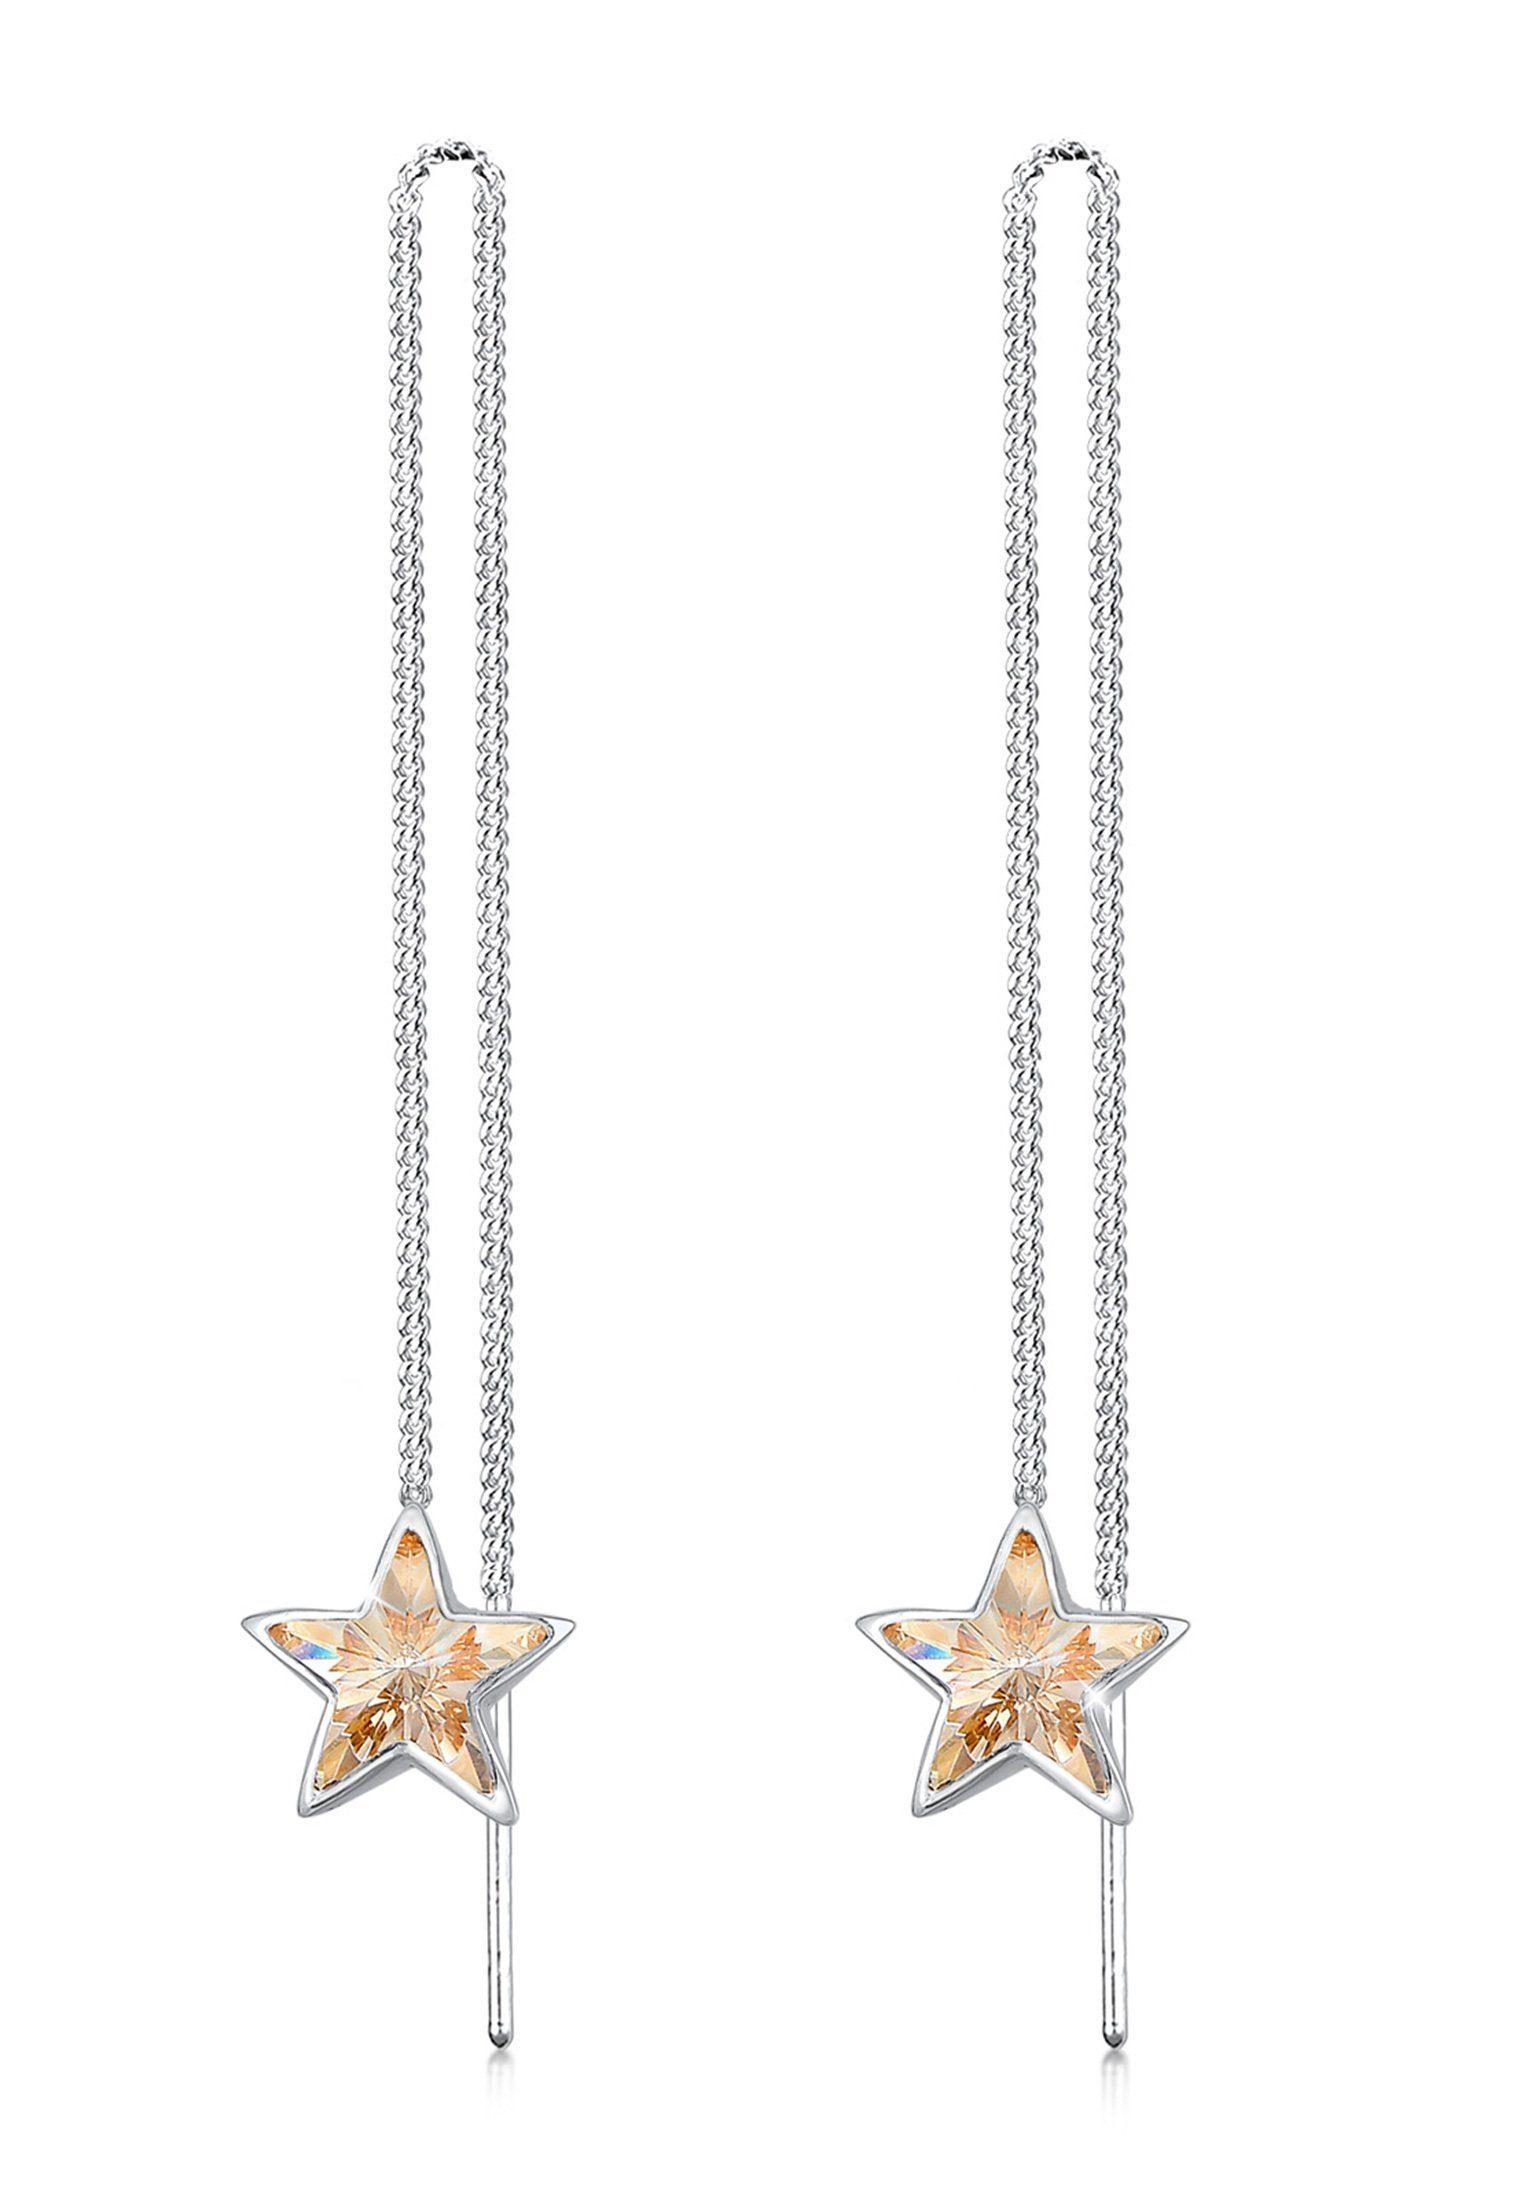 Elli Paar Ohrhänger »Hänger Stern Astro Swarovski® Kristalle 925 Silber«